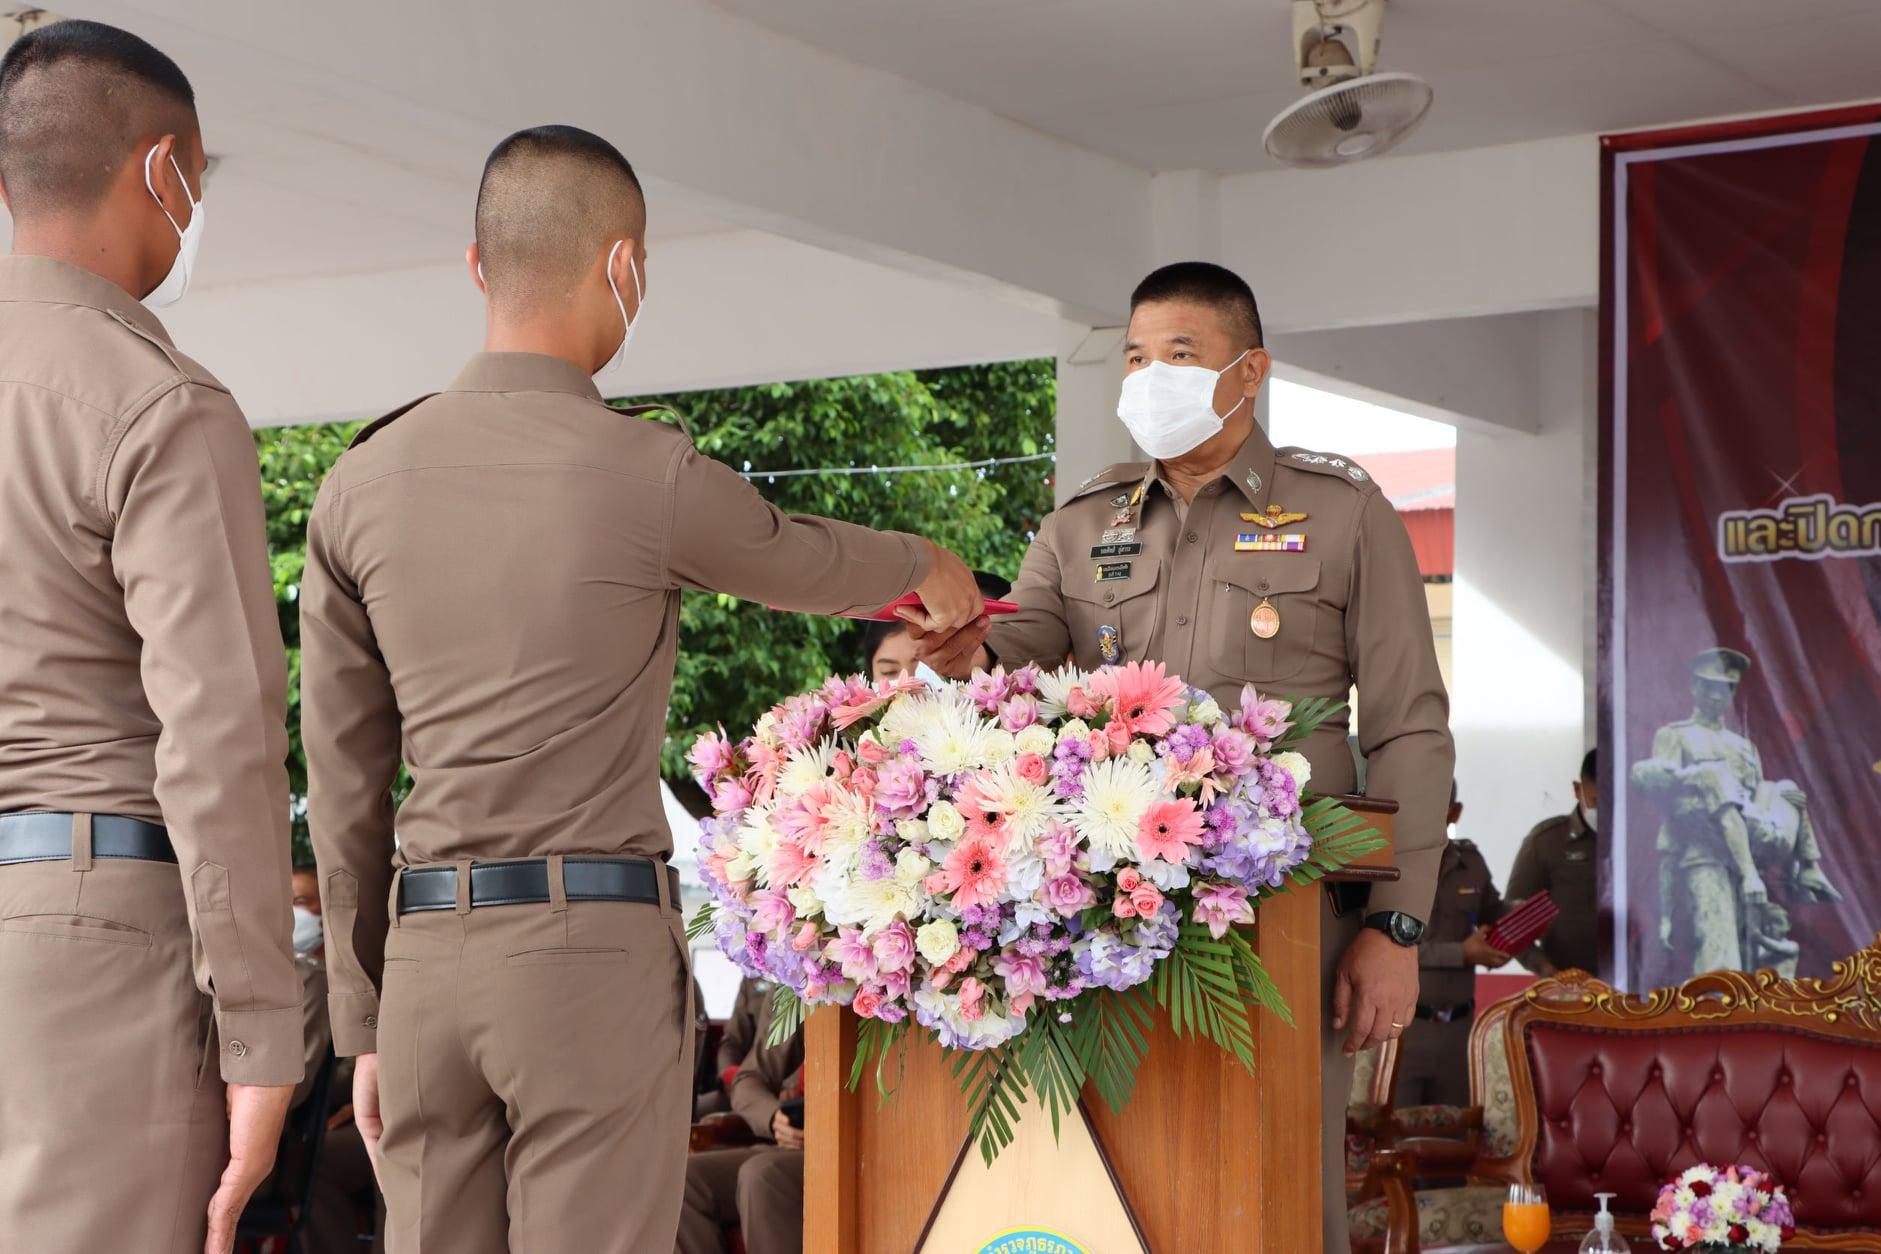 พล.ต.ท.รณศิลป์ ภู่สาระ ผบช.ภ.9  เป็นประธานในพิธีมอบประกาศนียบัตร และปิดการฝึกอบรม หลักสูตรนักเรียนนายสิบตำรวจ